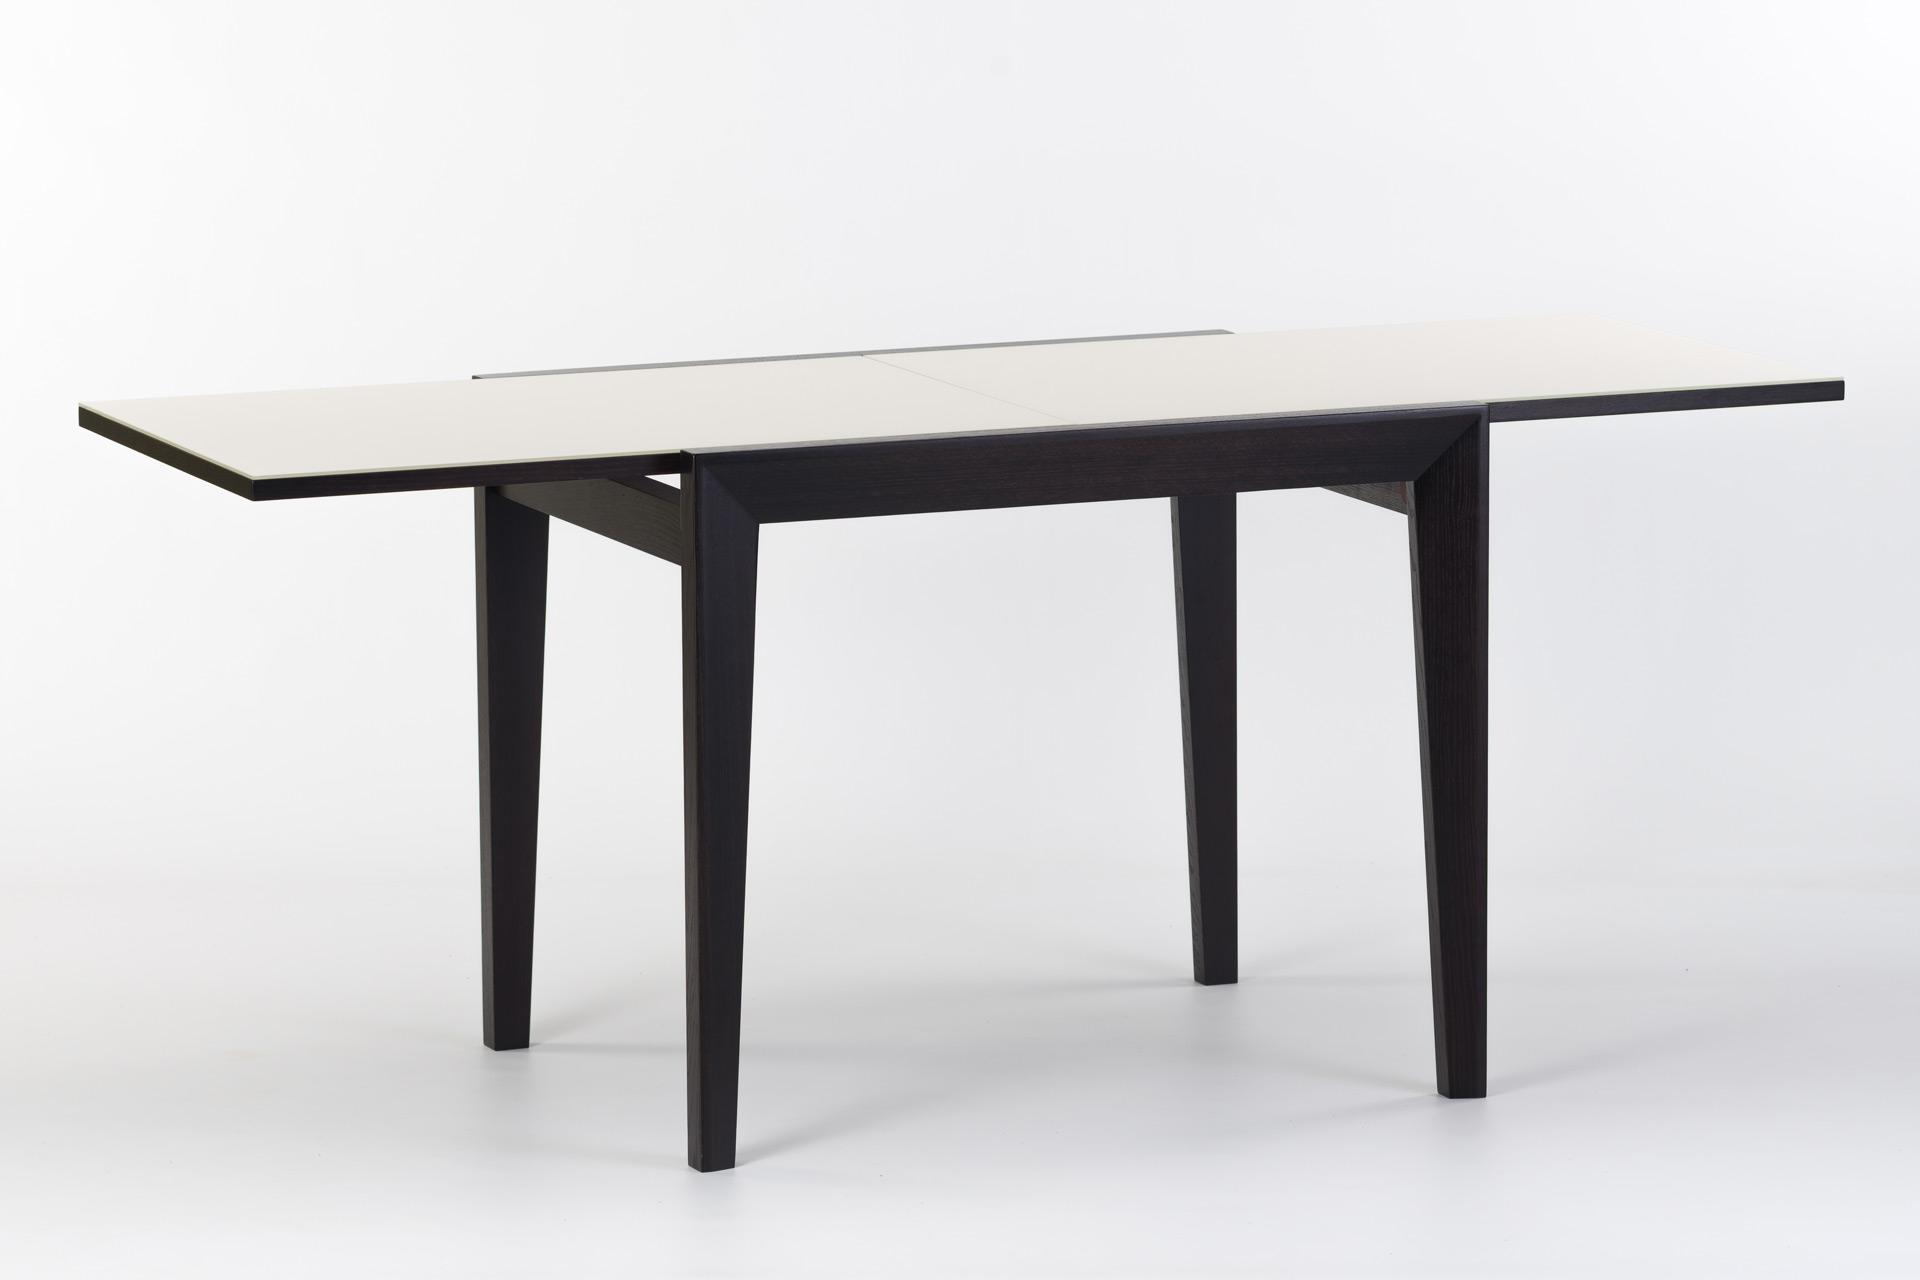 """Кухонный стол """"Фаворит - 01 К2"""" - черные ножки и царга, прямоугольная белая стеклянная столешница - разложенный"""